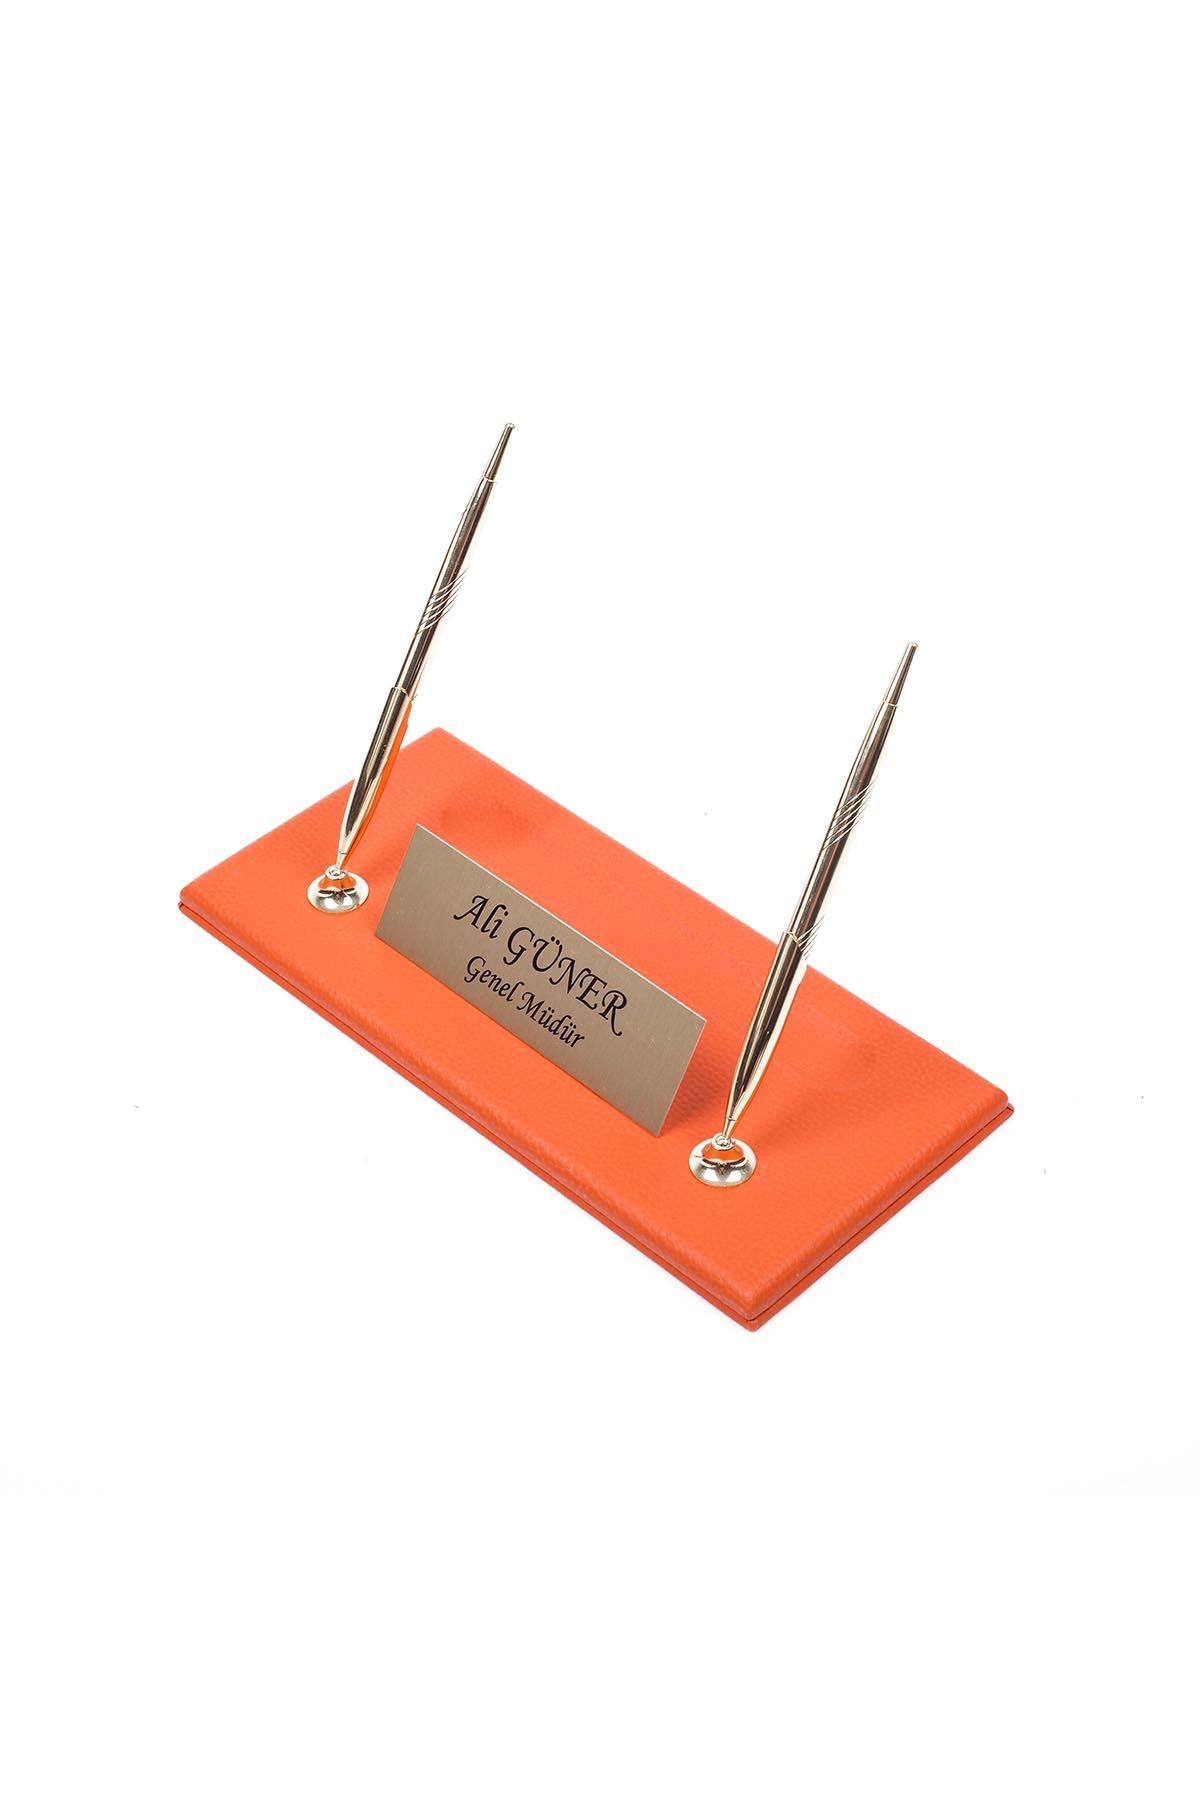 Leather Manager Pen Base Orange| Name Plate | Golden Pen Base | Desk Accessories